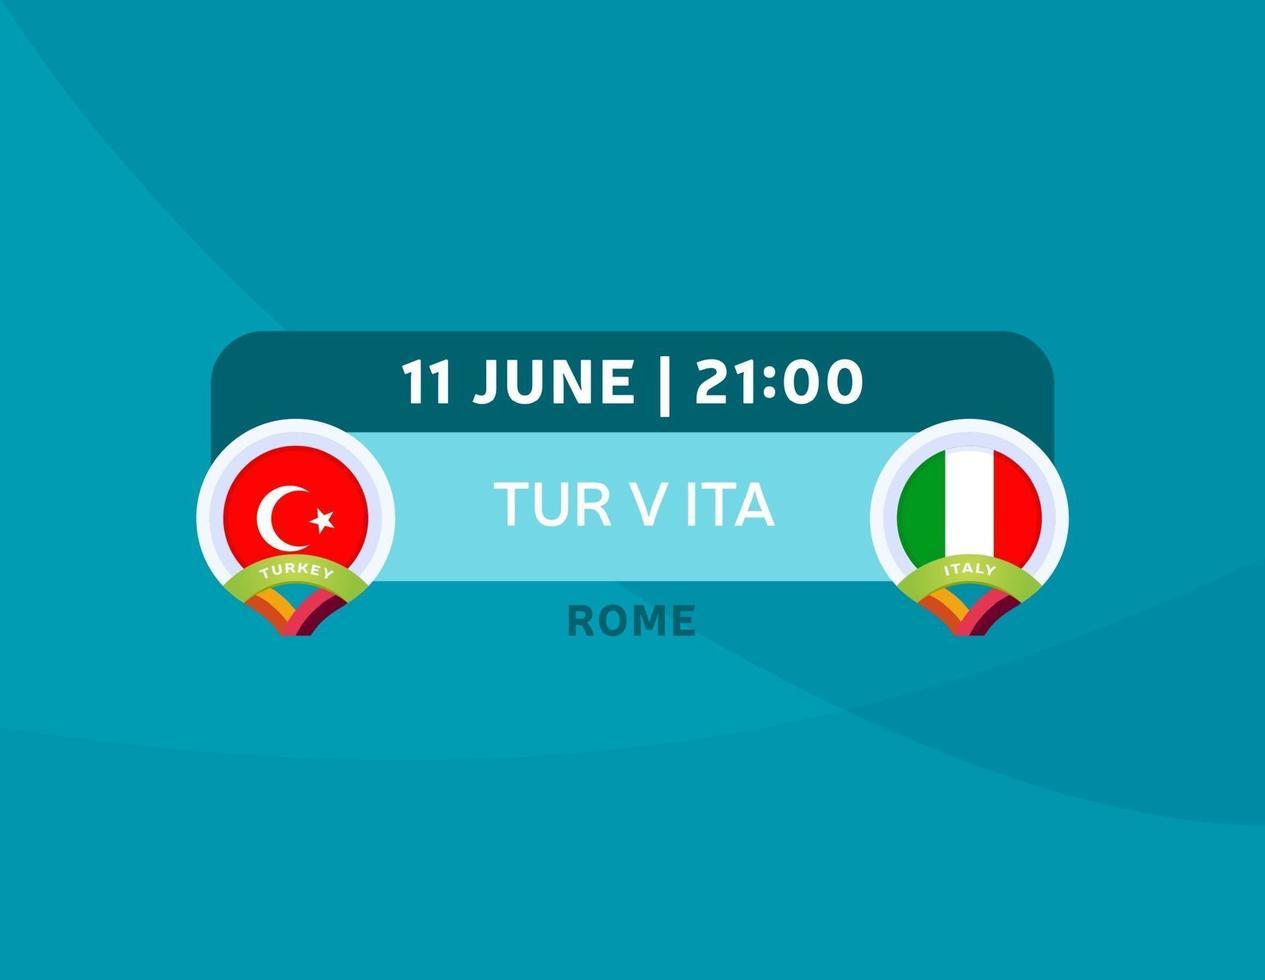 Turchia vs italia calcio 2153650 - Scarica Immagini Vettoriali Gratis,  Grafica Vettoriale, e Disegno Modelli